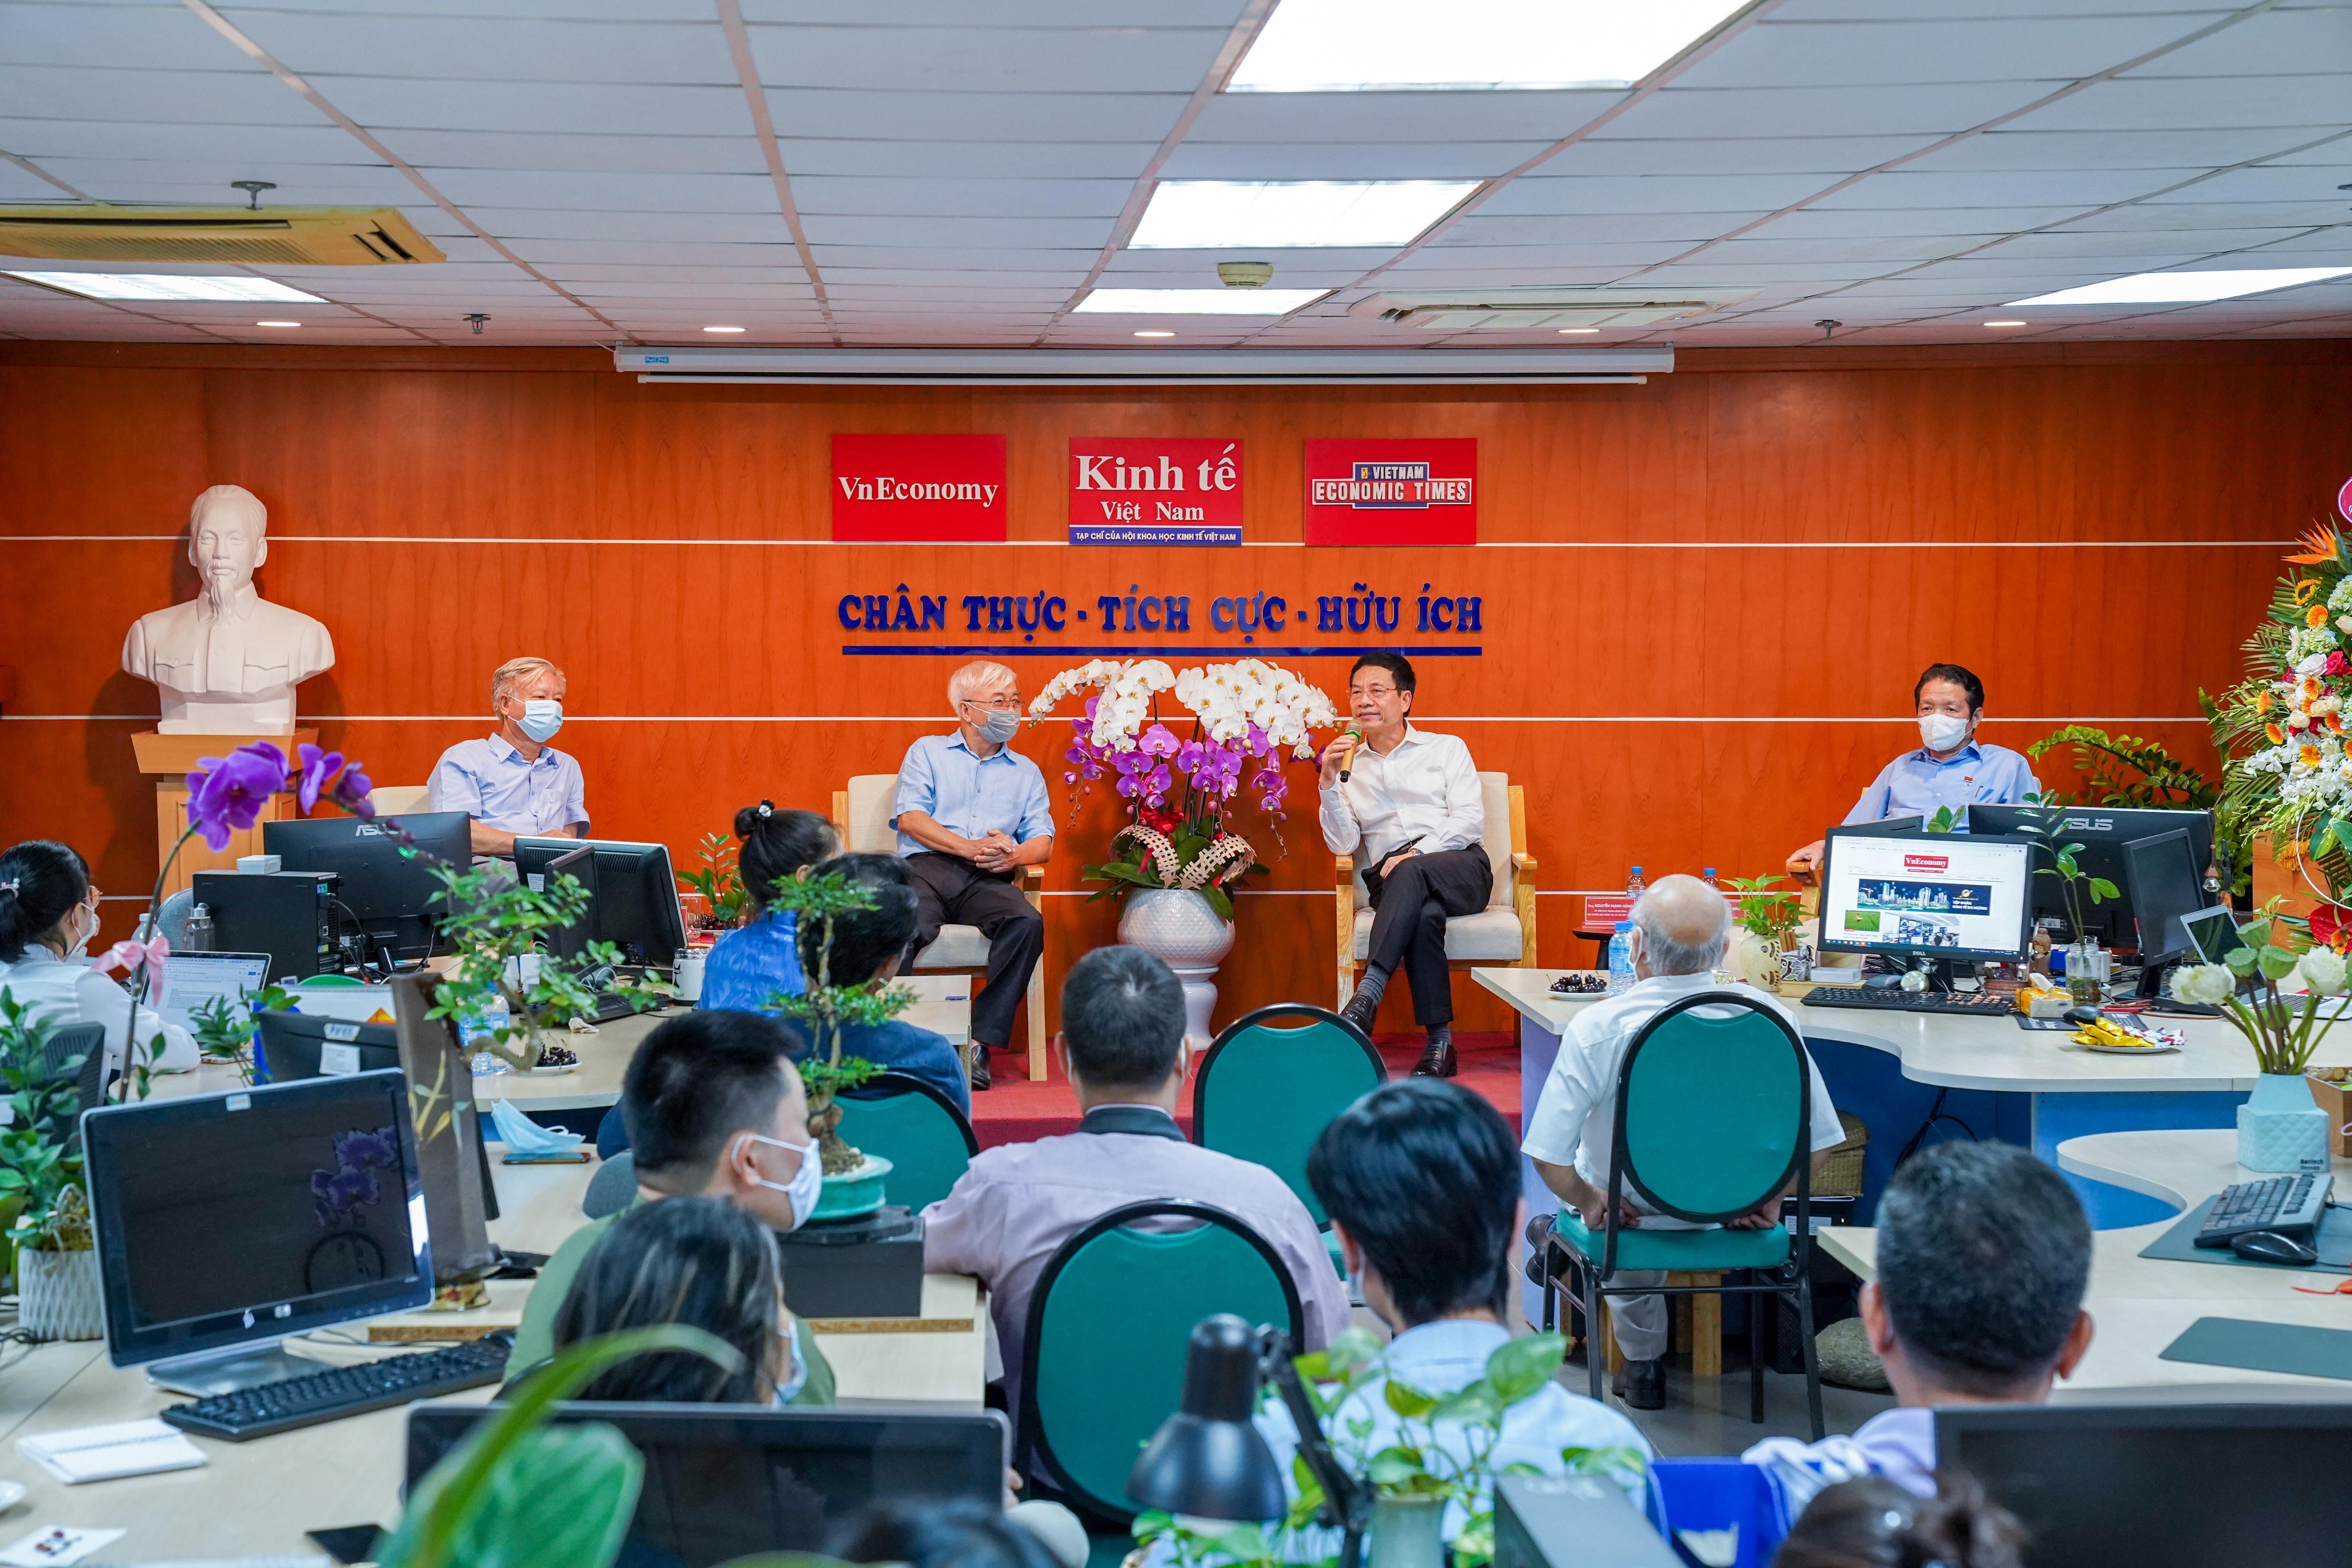 Với những mục tiêu và hướng phát triển của Tạp chí Kinh tế Việt Nam đặt ra trở thành một Trung tâm (hub) về kinh tế số Việt Nam, Bộ trưởng khẳng định đó là một sự nghiệp vĩ đại. Ảnhh: Việt Tuấn.